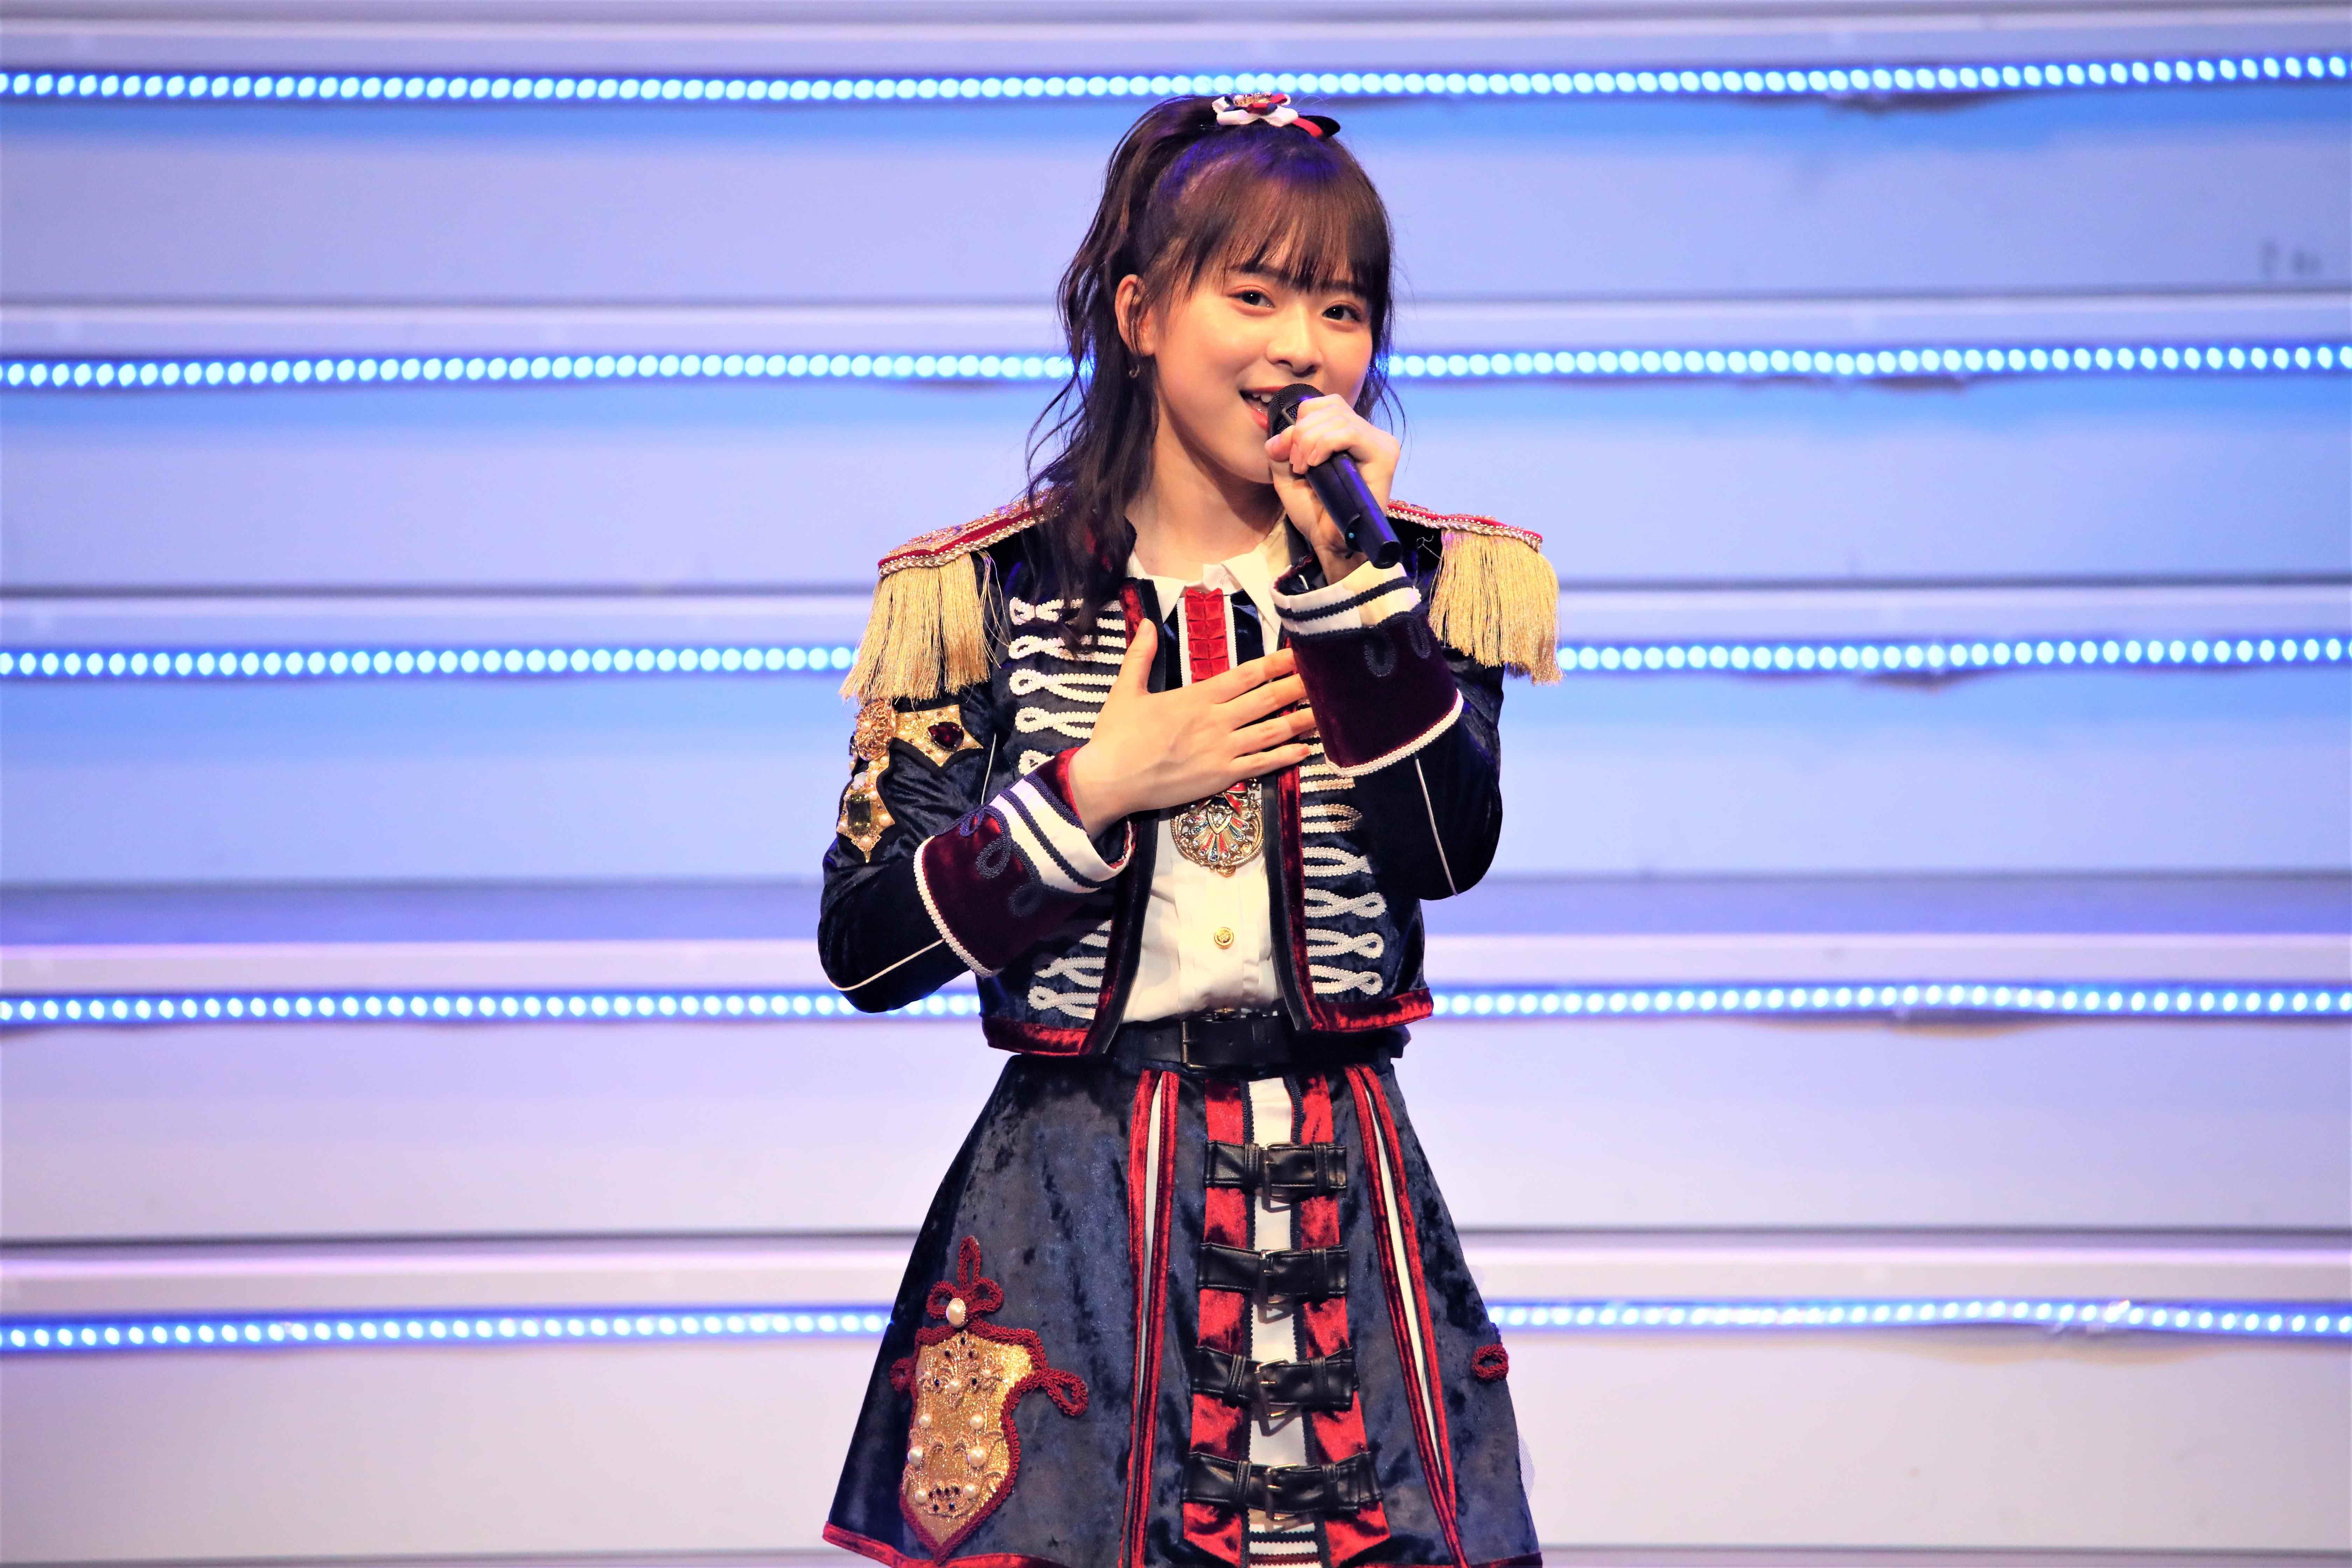 倉野尾成美「赤いスイートピー」©AKB48 THE AUDISHOW製作委員会  無断アップロード及び転送は一切禁止です。